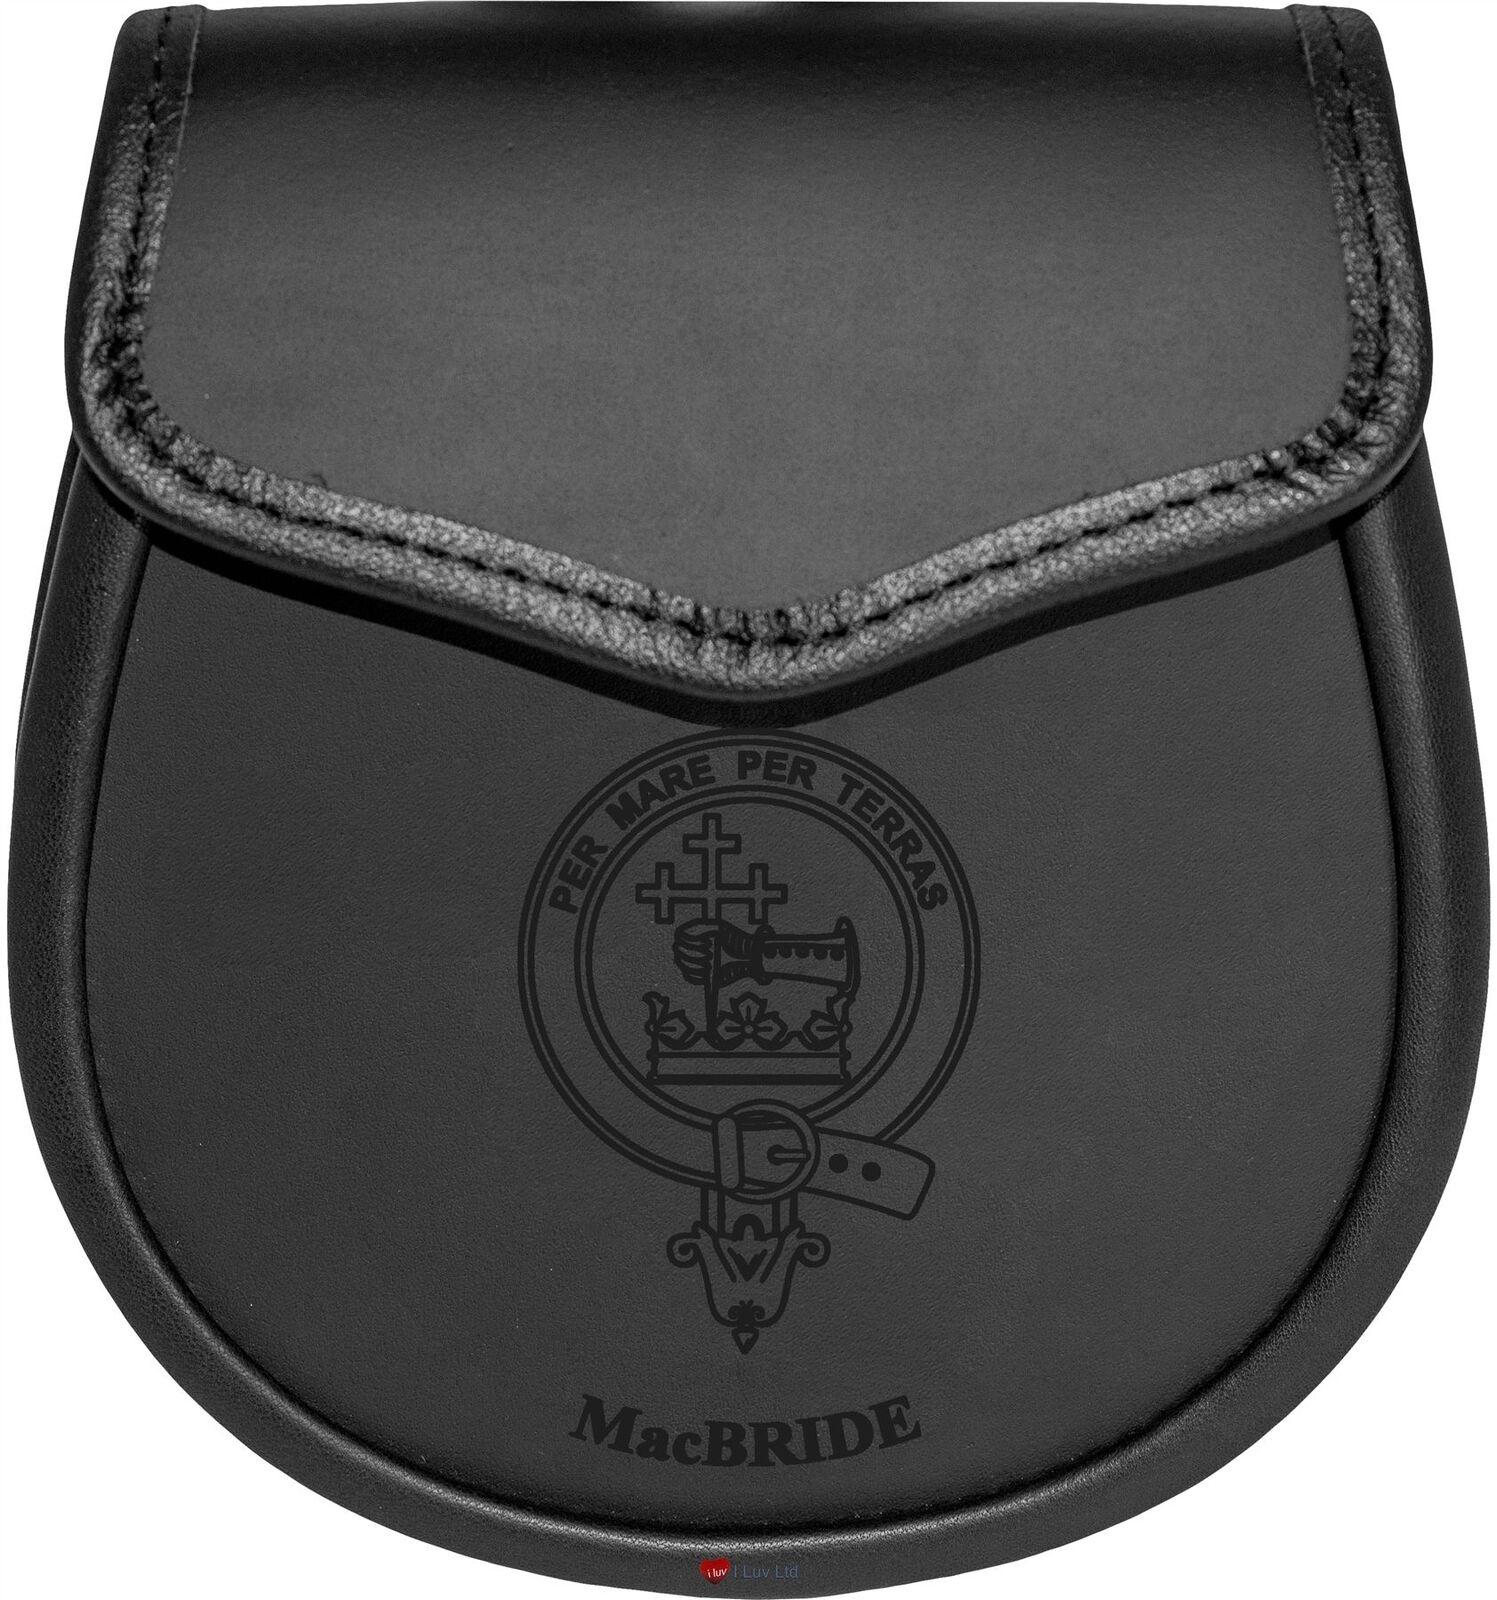 MacBride Leather Day Sporran Scottish Clan Crest